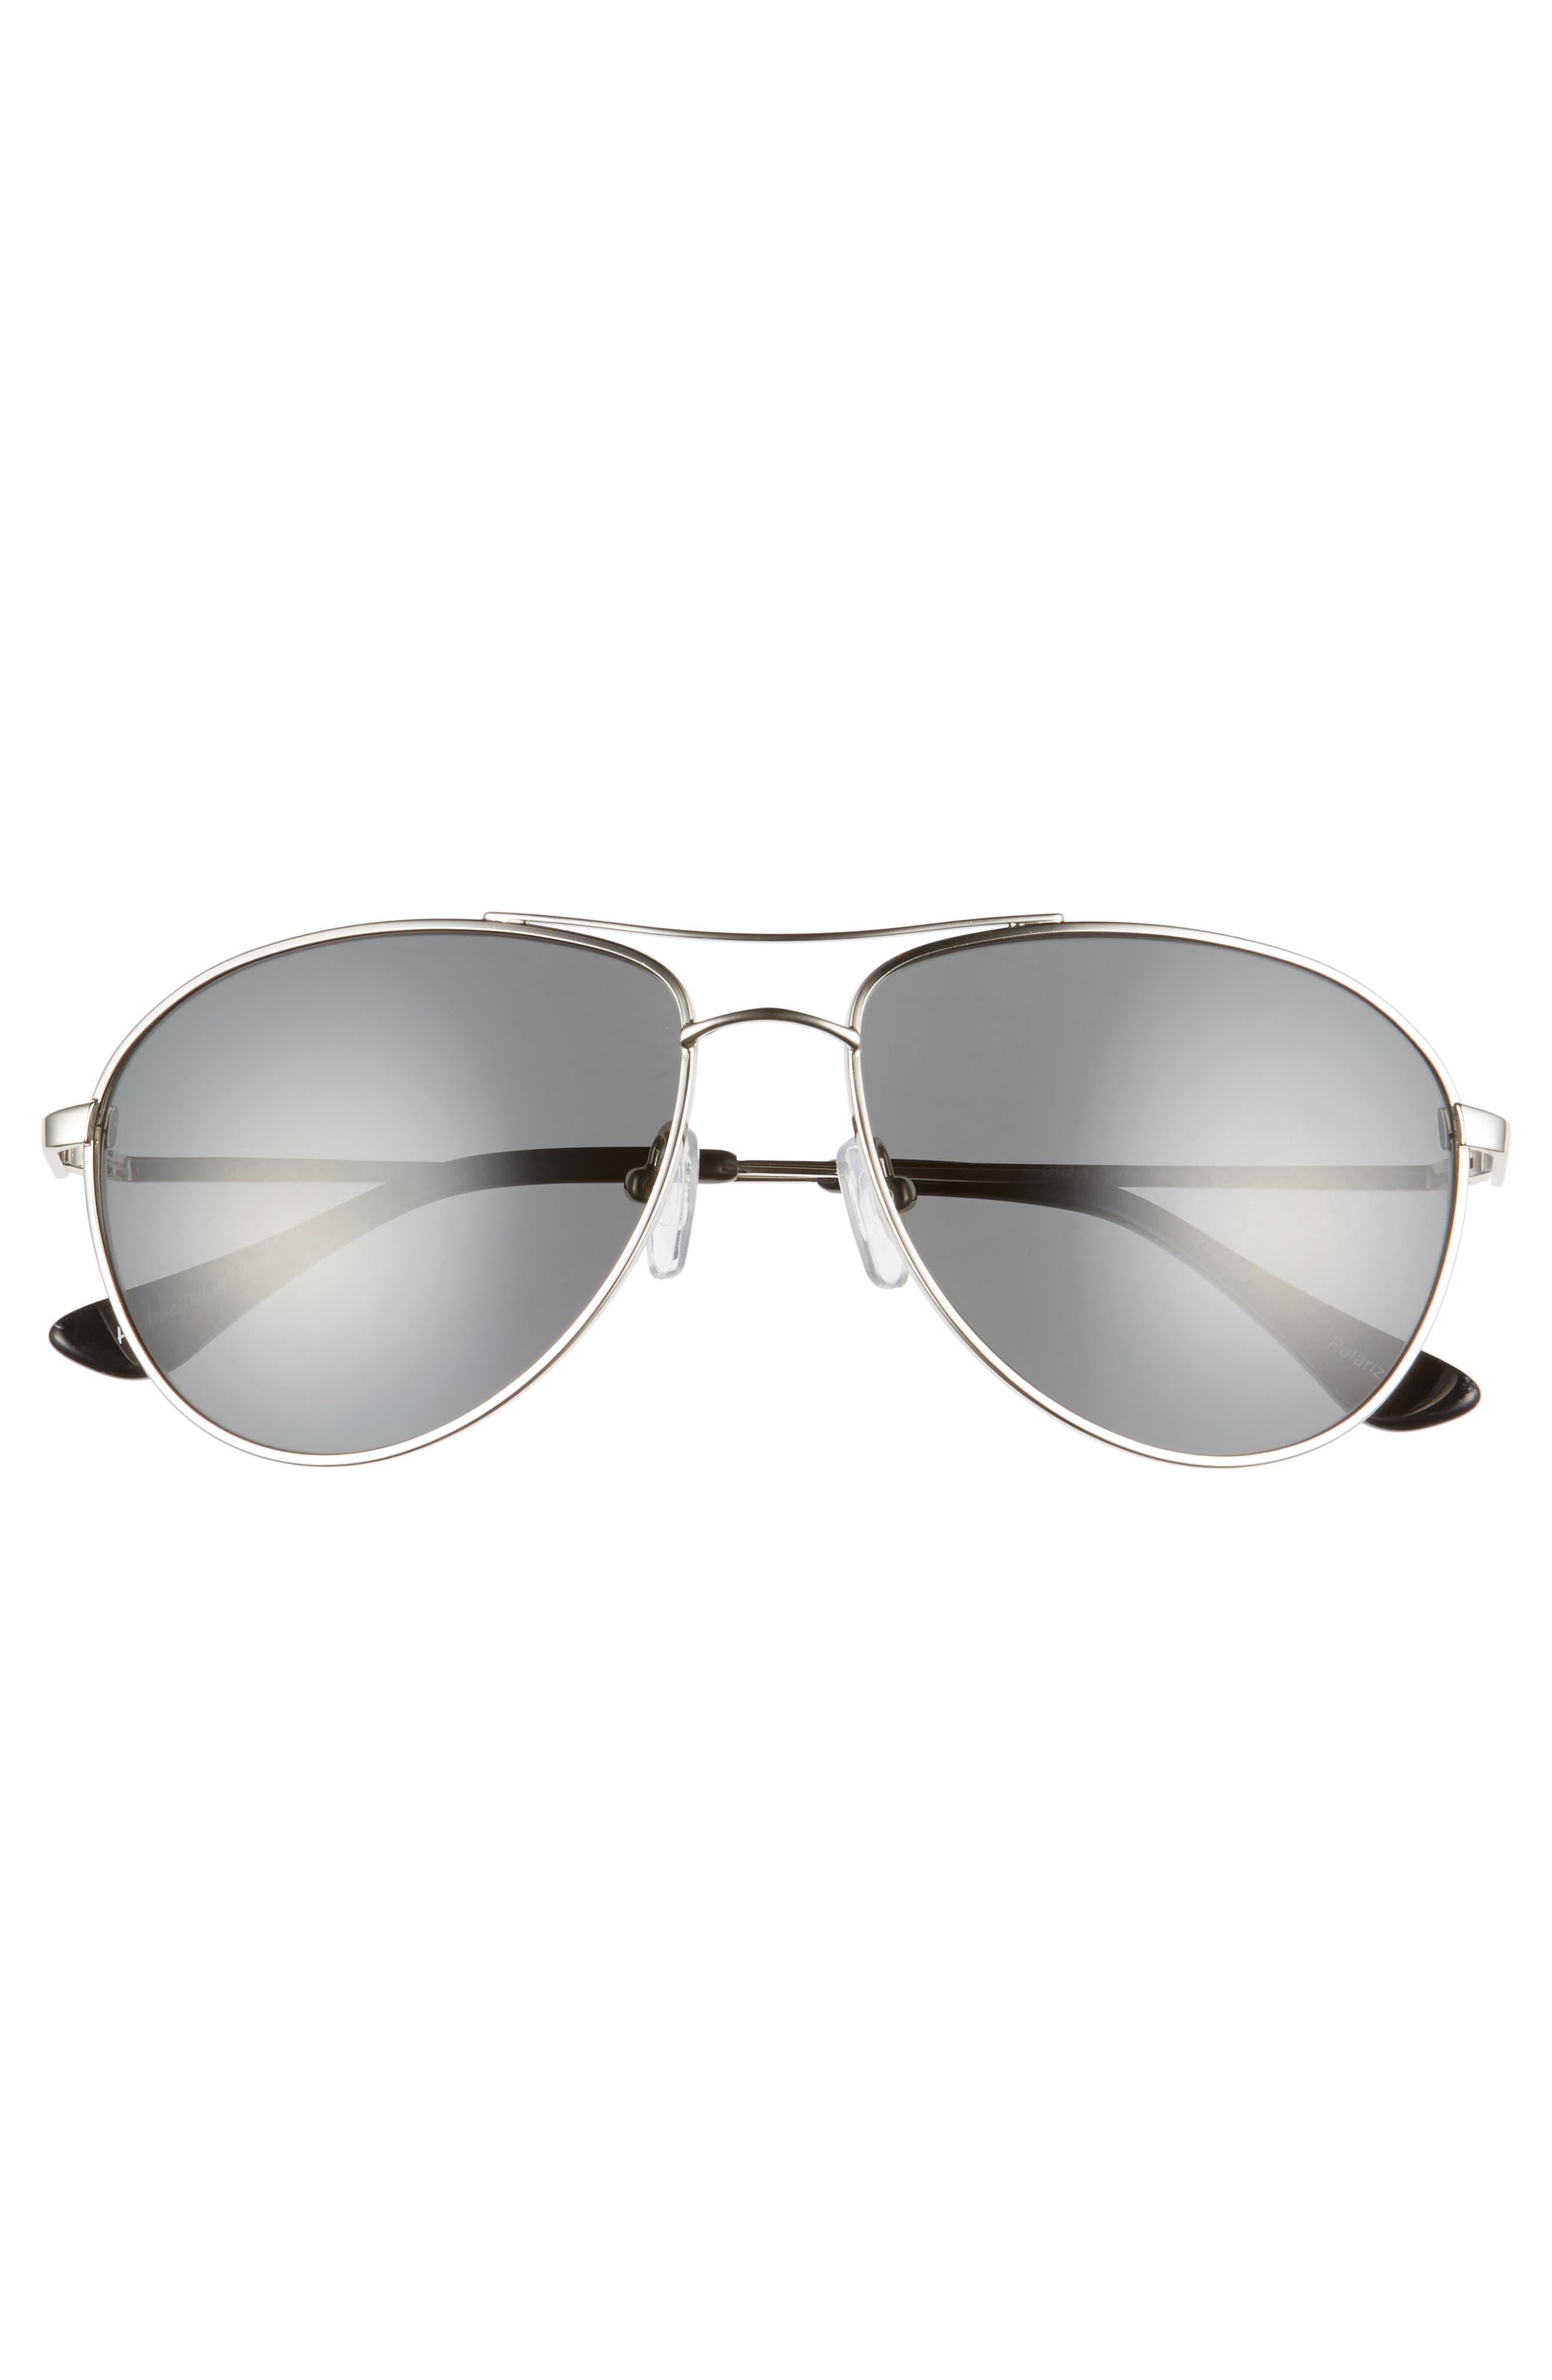 Alternate Image 3  - Brightside Orville 58mm Polarized Aviator Sunglasses